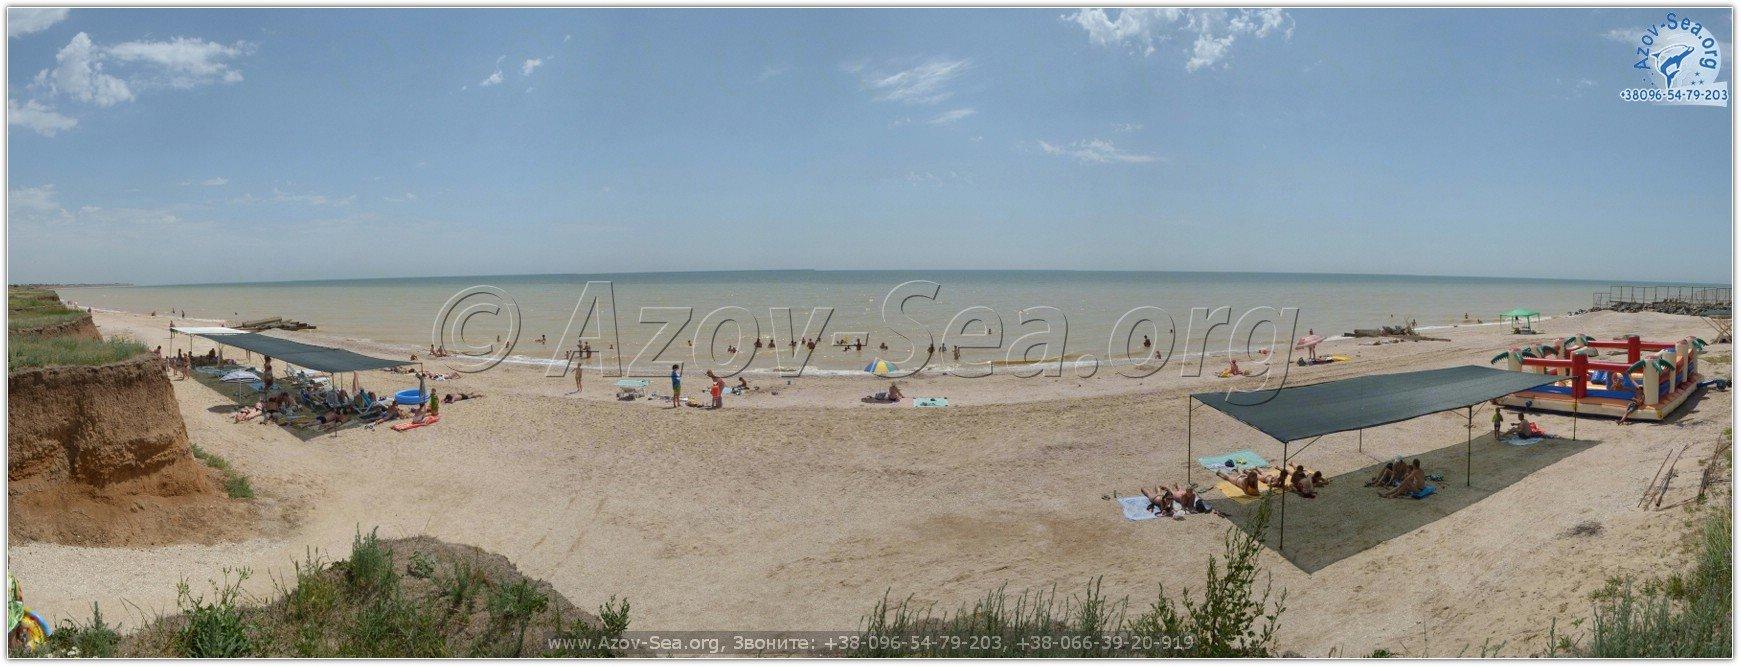 Азовское море. Побережье Азовского моря.